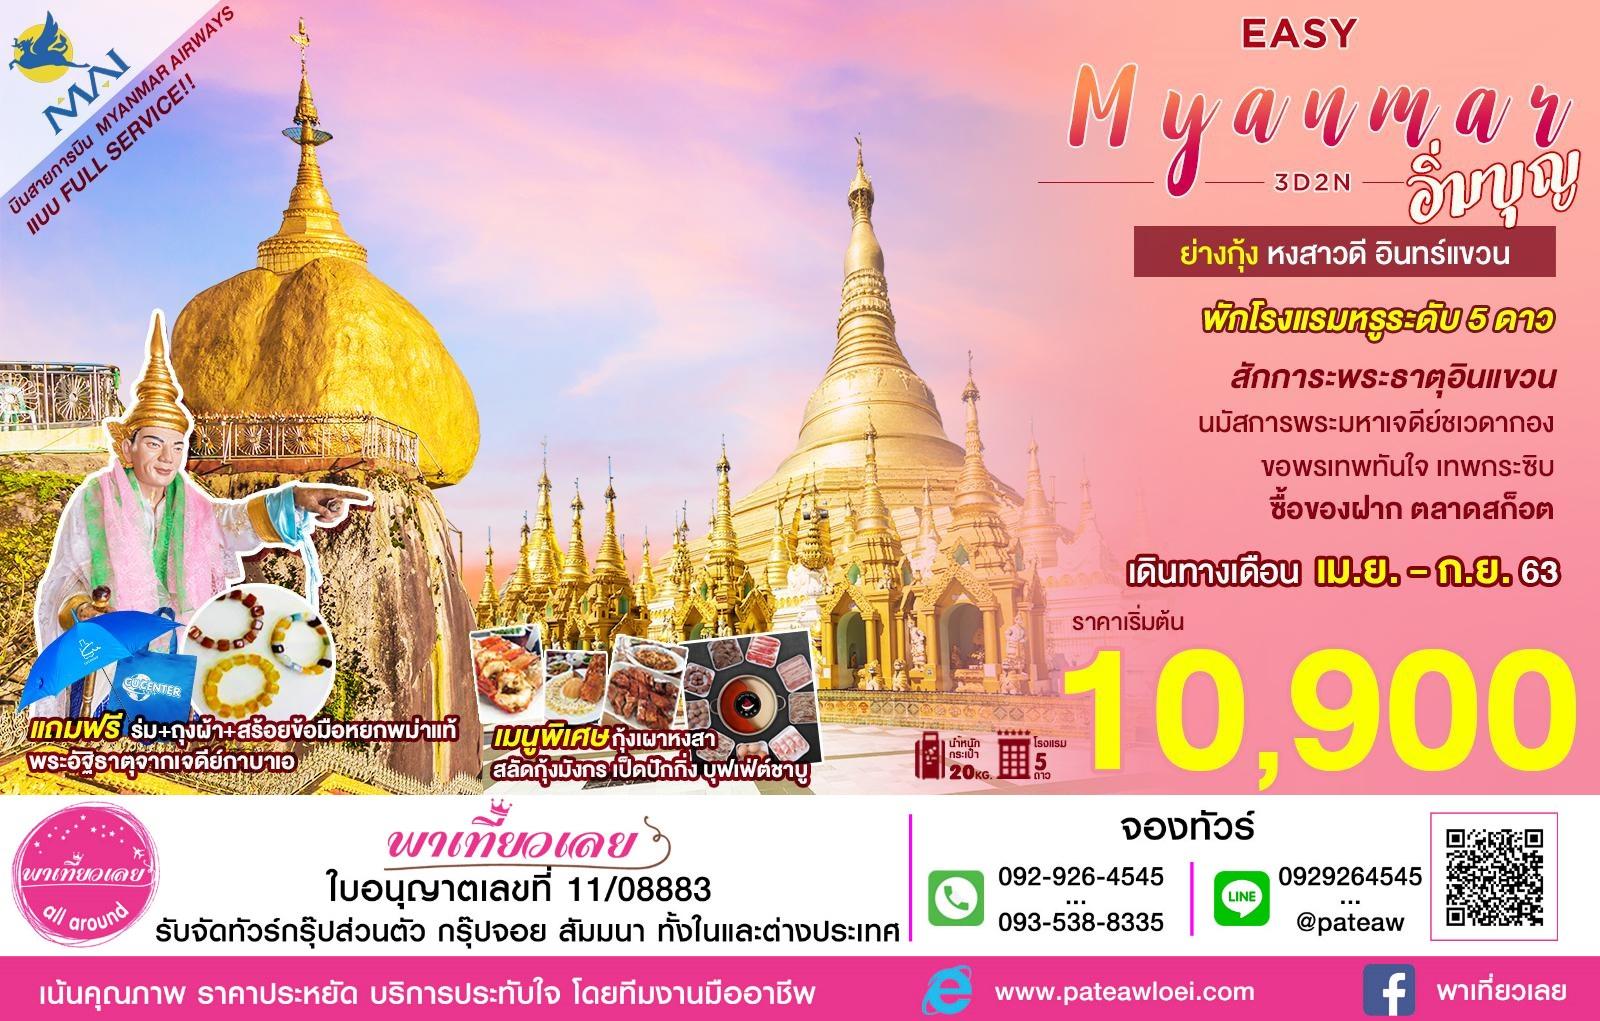 พม่า EASY MYANMAR อิ่มบุญ 3วัน 2คืน